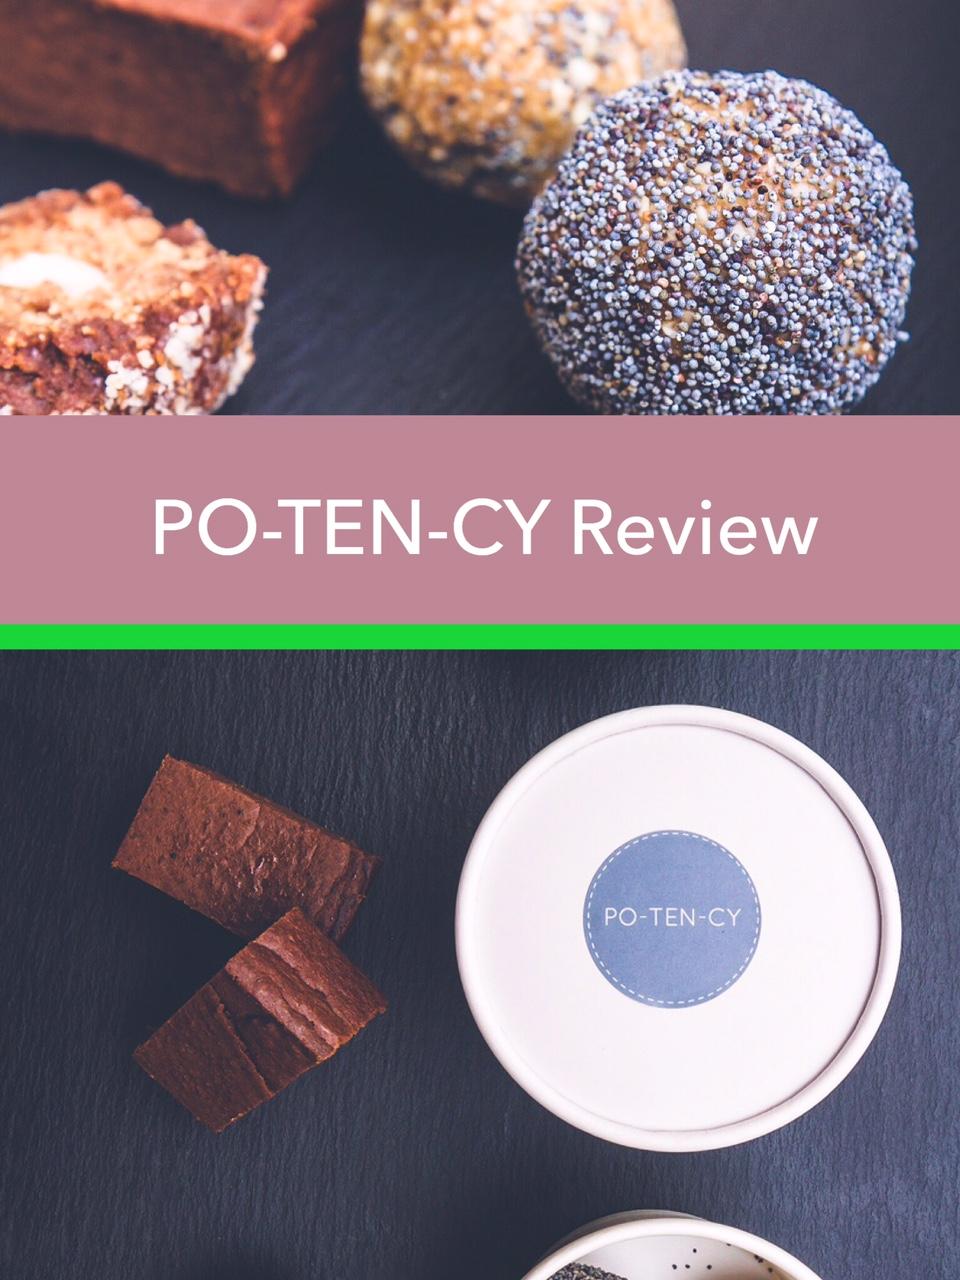 po-ten-cy review